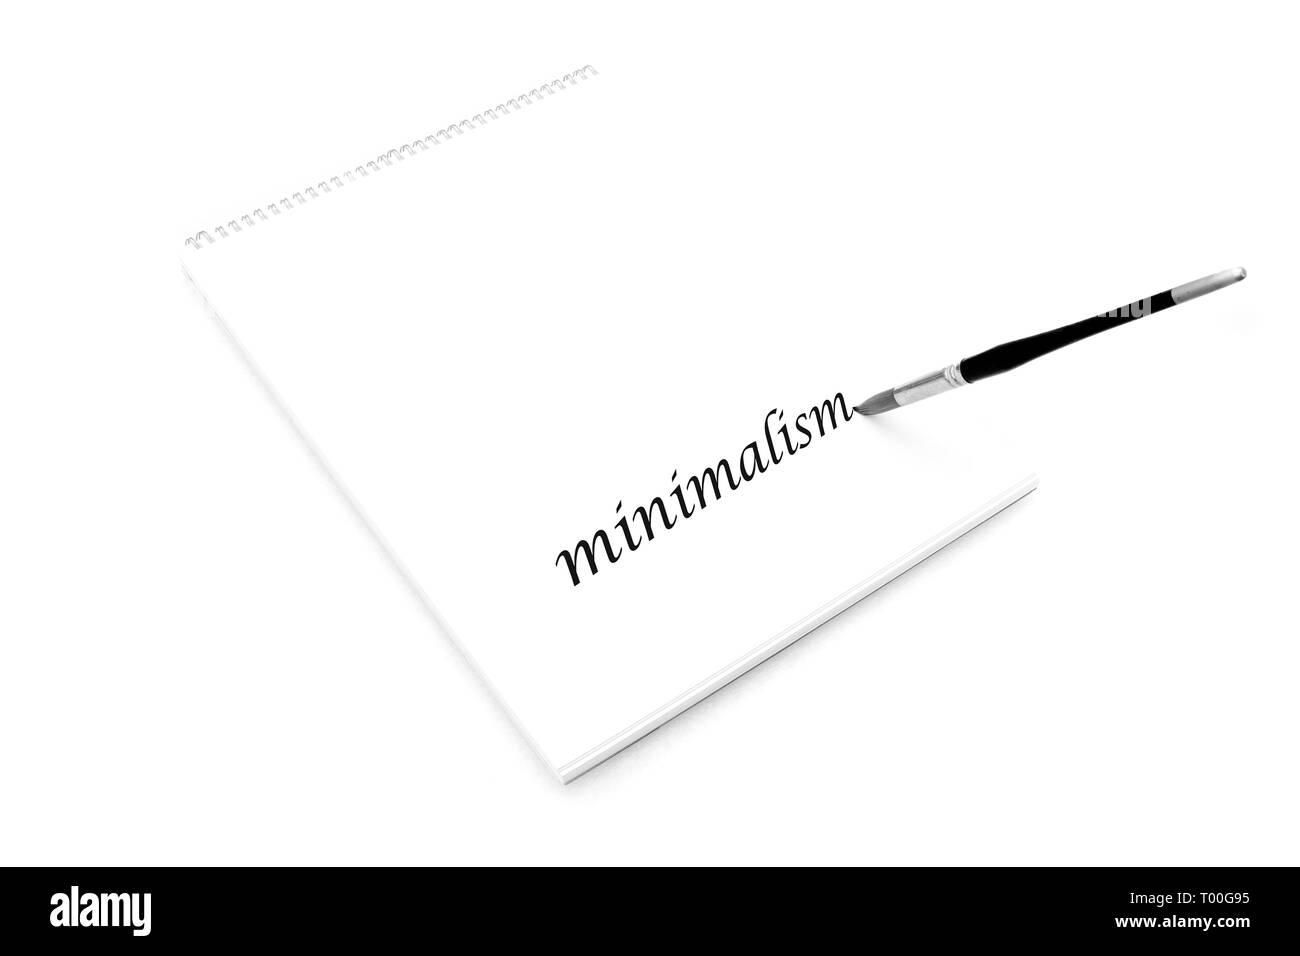 Minimalism, minimalist concept white paper notepad with paintbrush writing - Stock Image